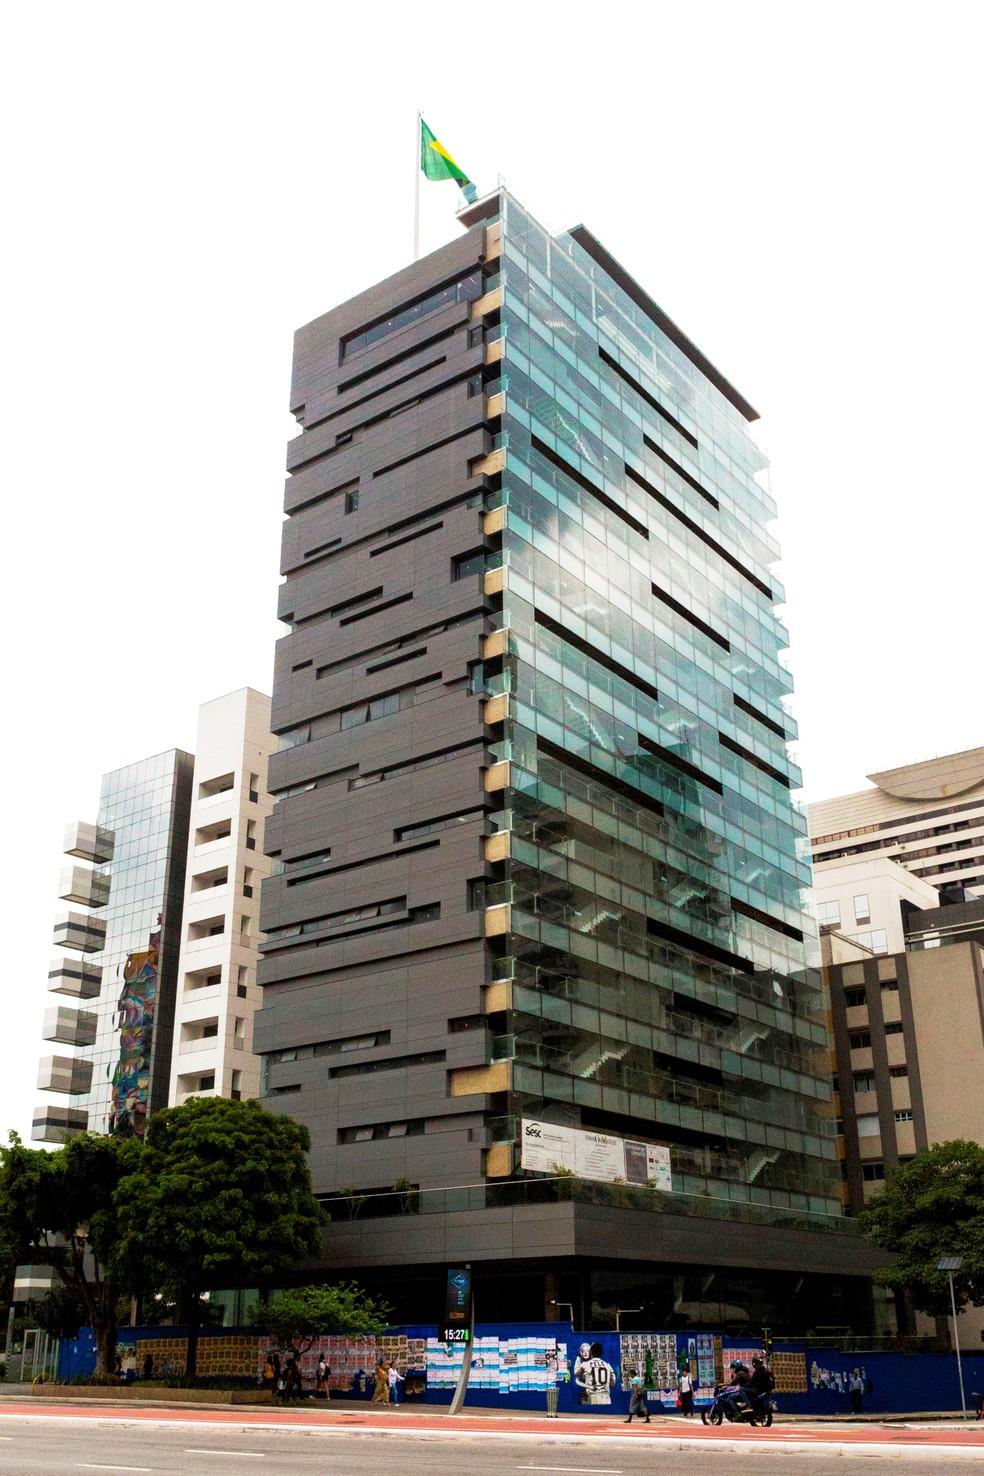 Nova unidade do Sesc na Avenida Paulista estava em reforma desde 2010 (Foto: Matheus José Maria/Sesc)